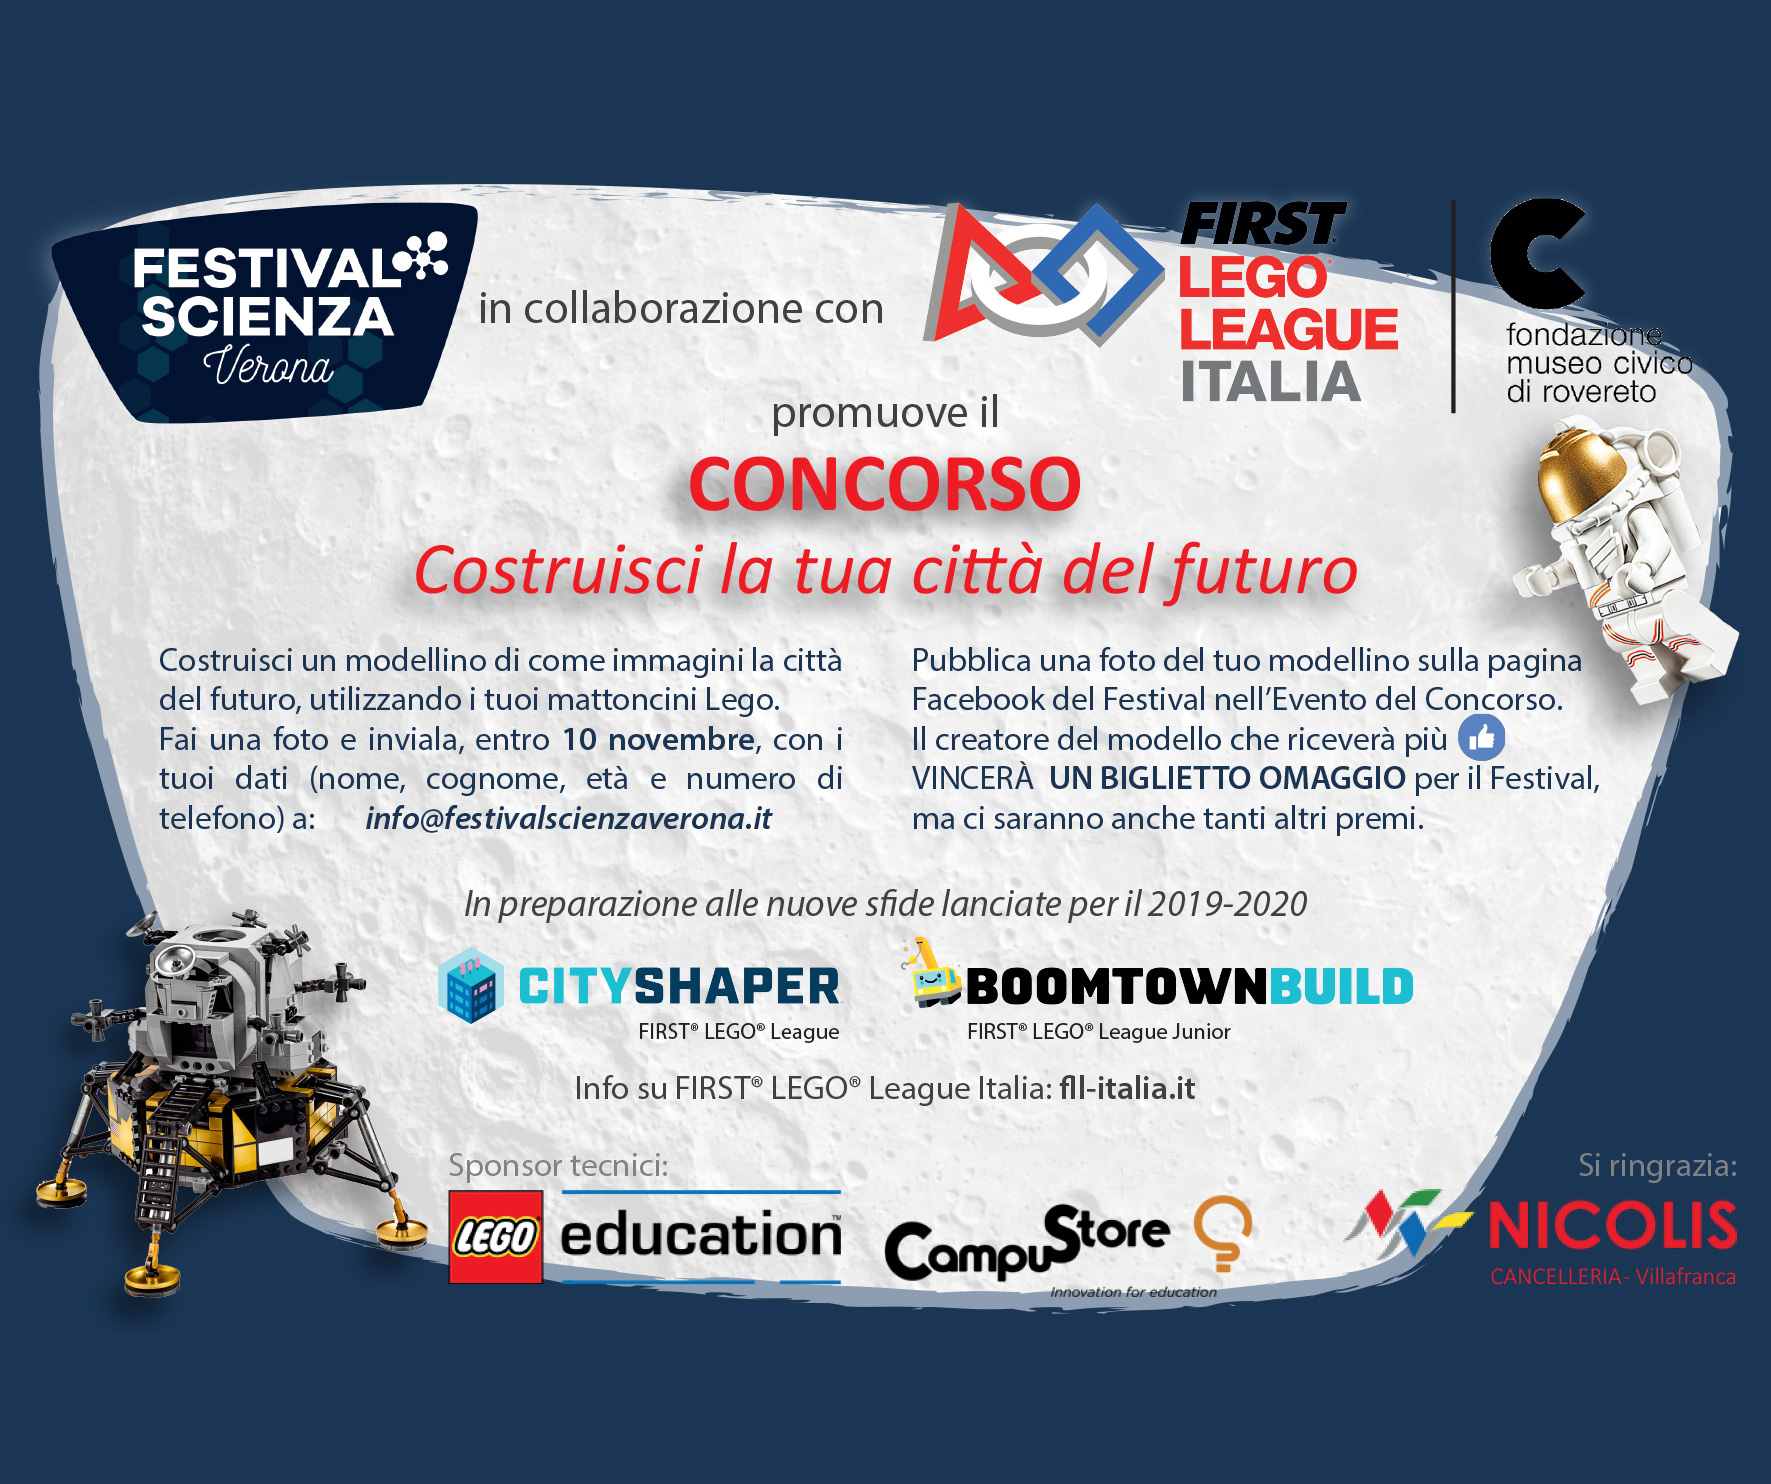 FIRST LEGO LEAGUE ITALIA promuove il CONCORSO Costruisci la tua città del futuro